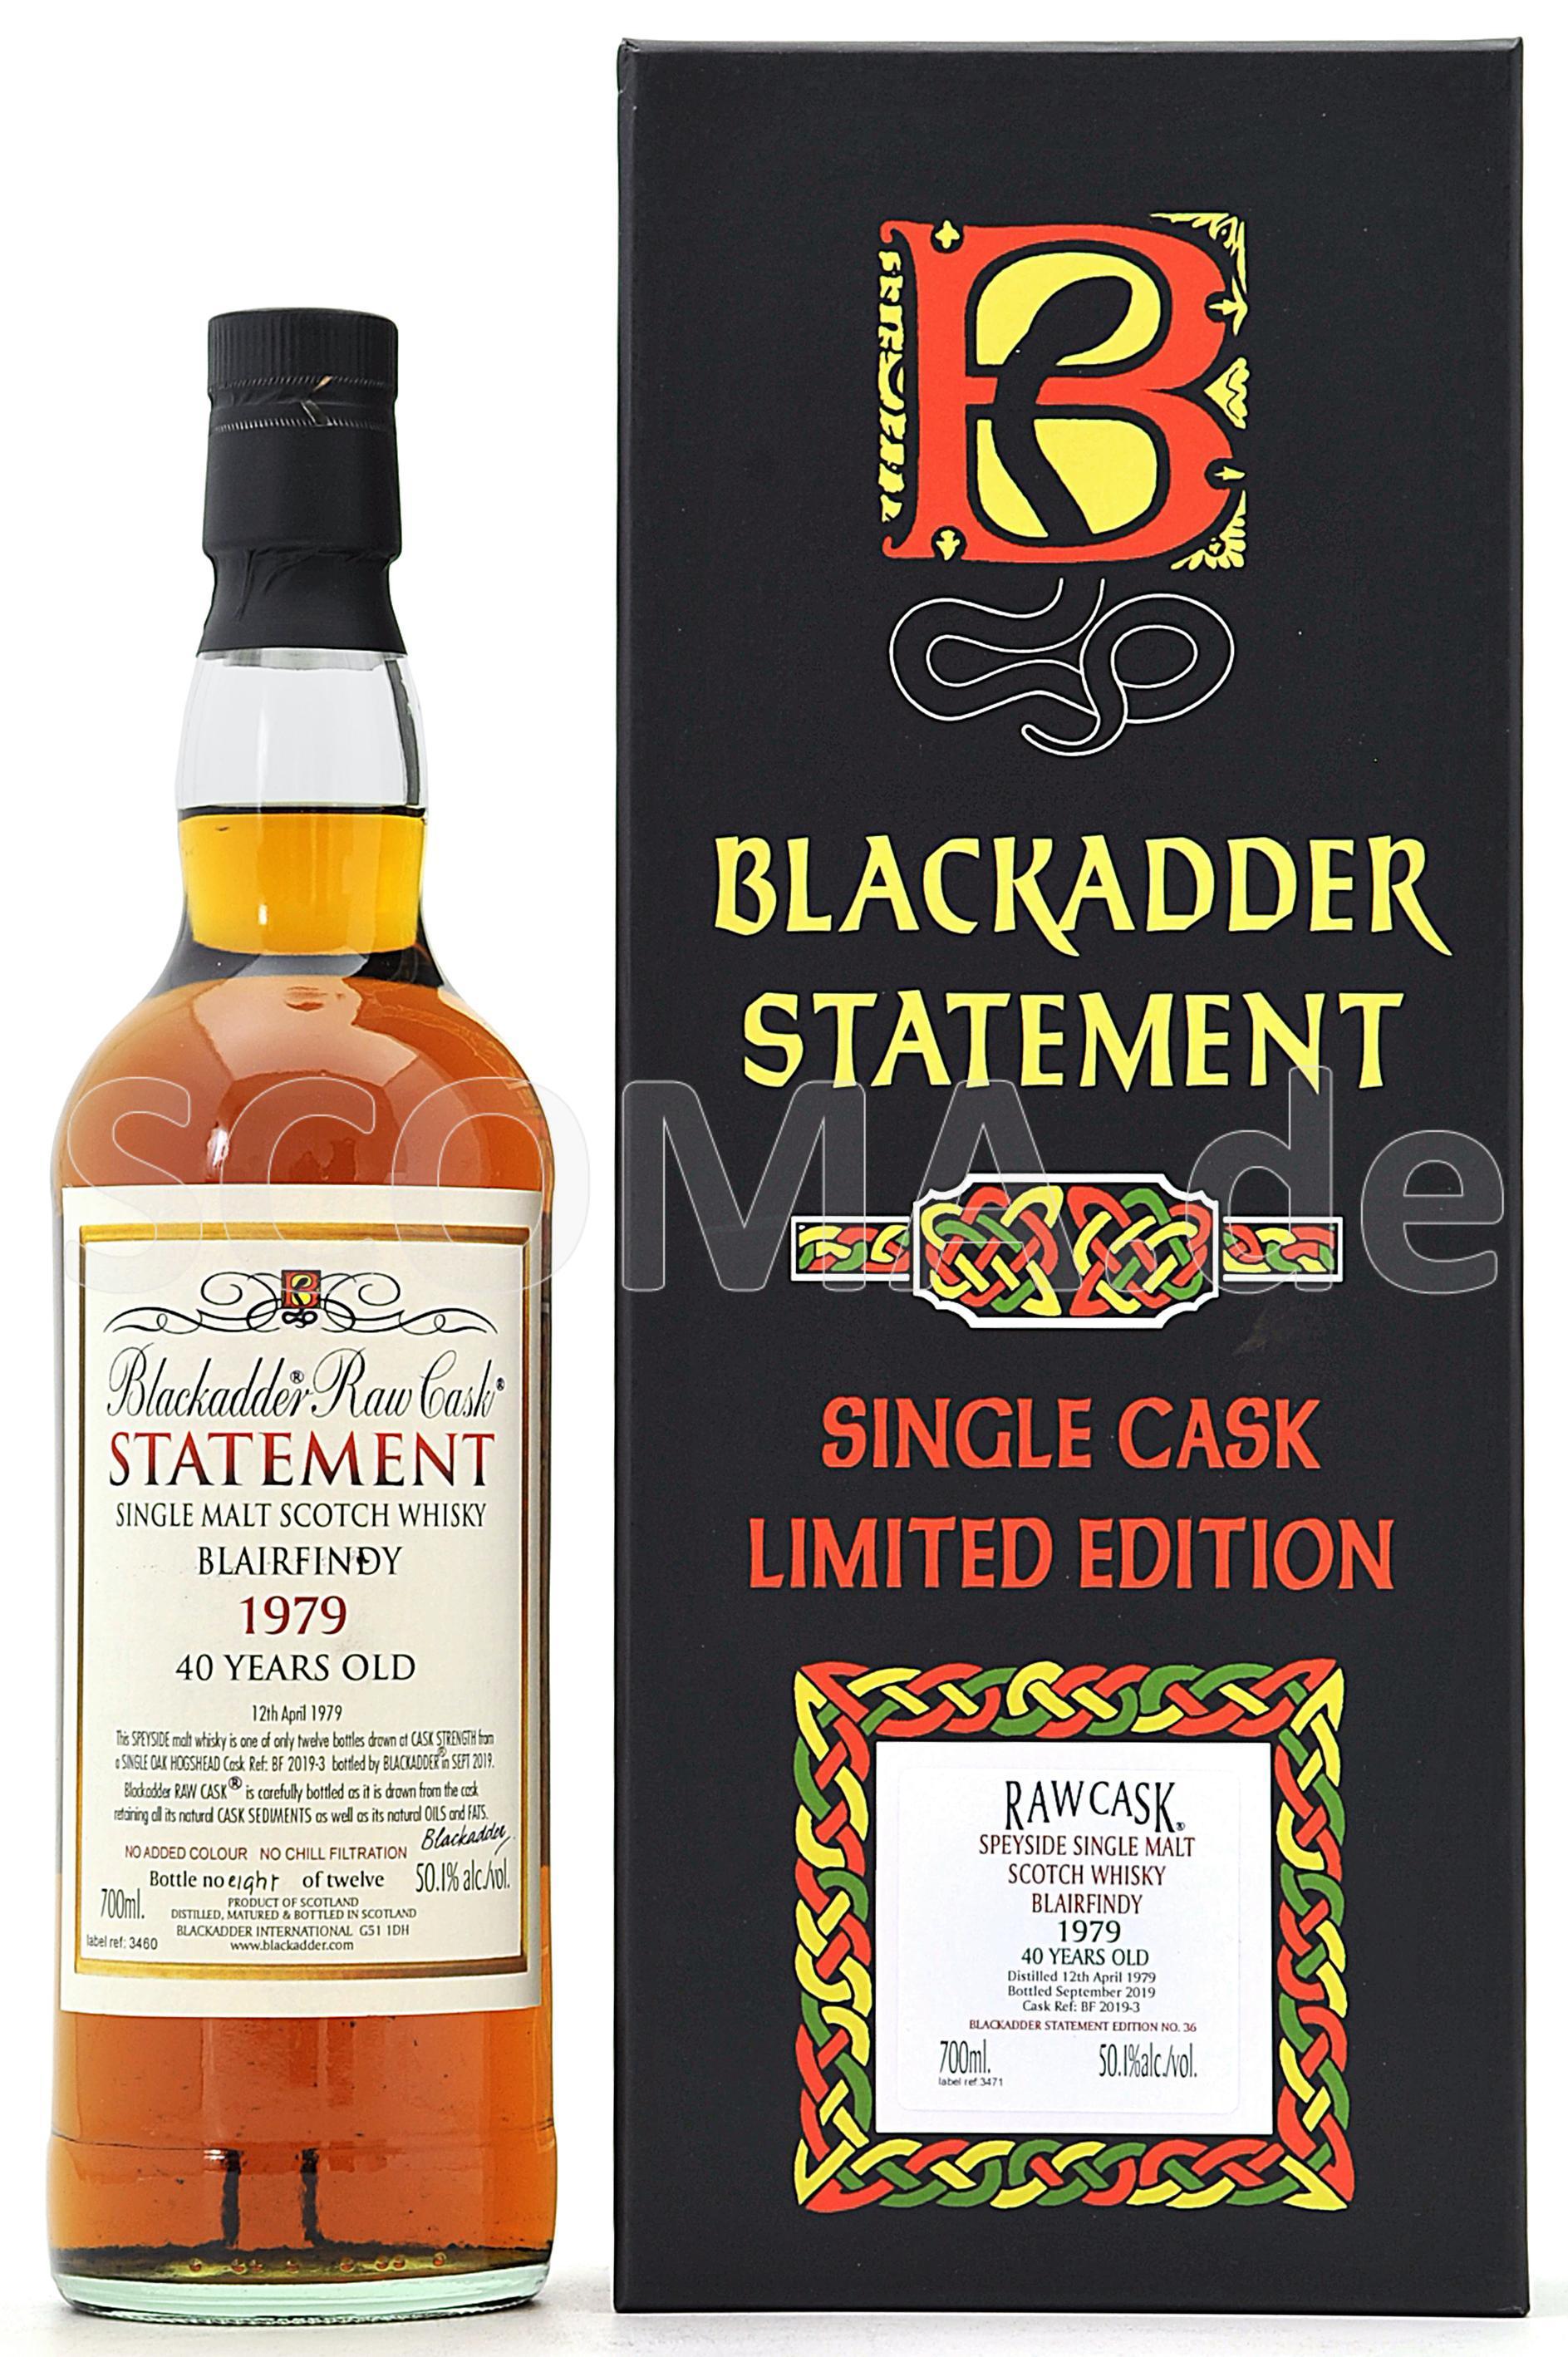 Blairfindy Blackadder Statemen...